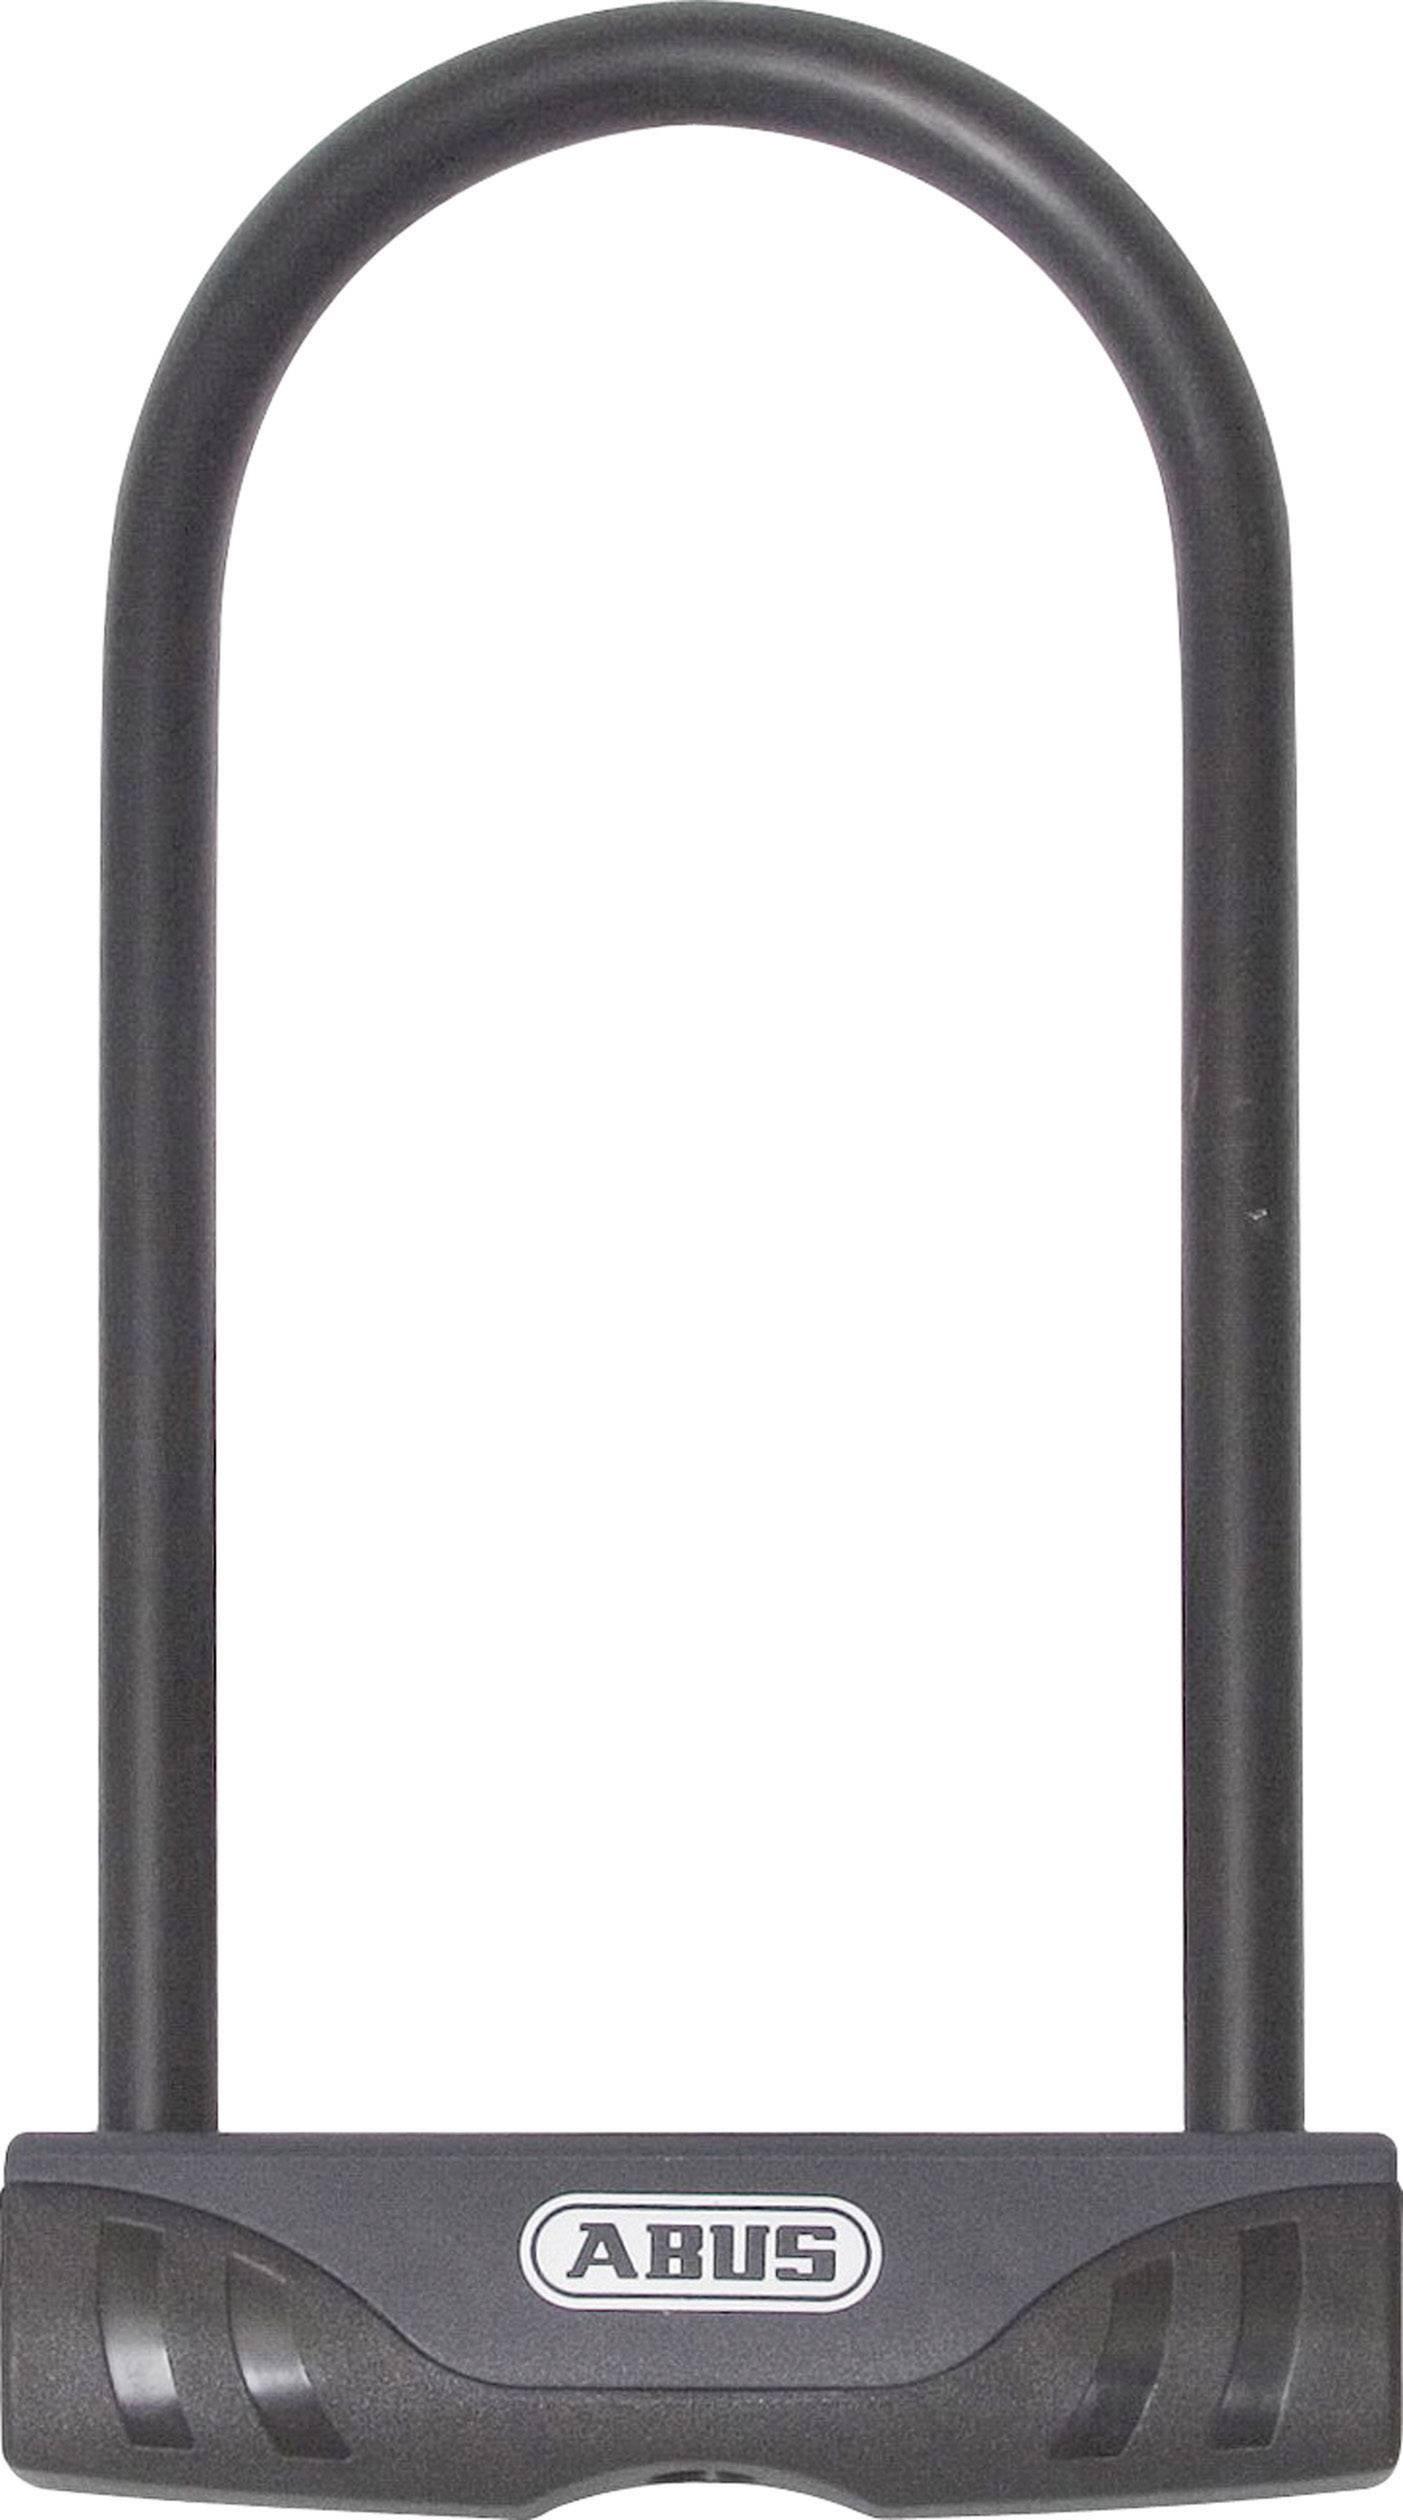 U zámok ABUS 32/150HB230 + USH, (Ø x d) 12 mm x 230 mm, čierna